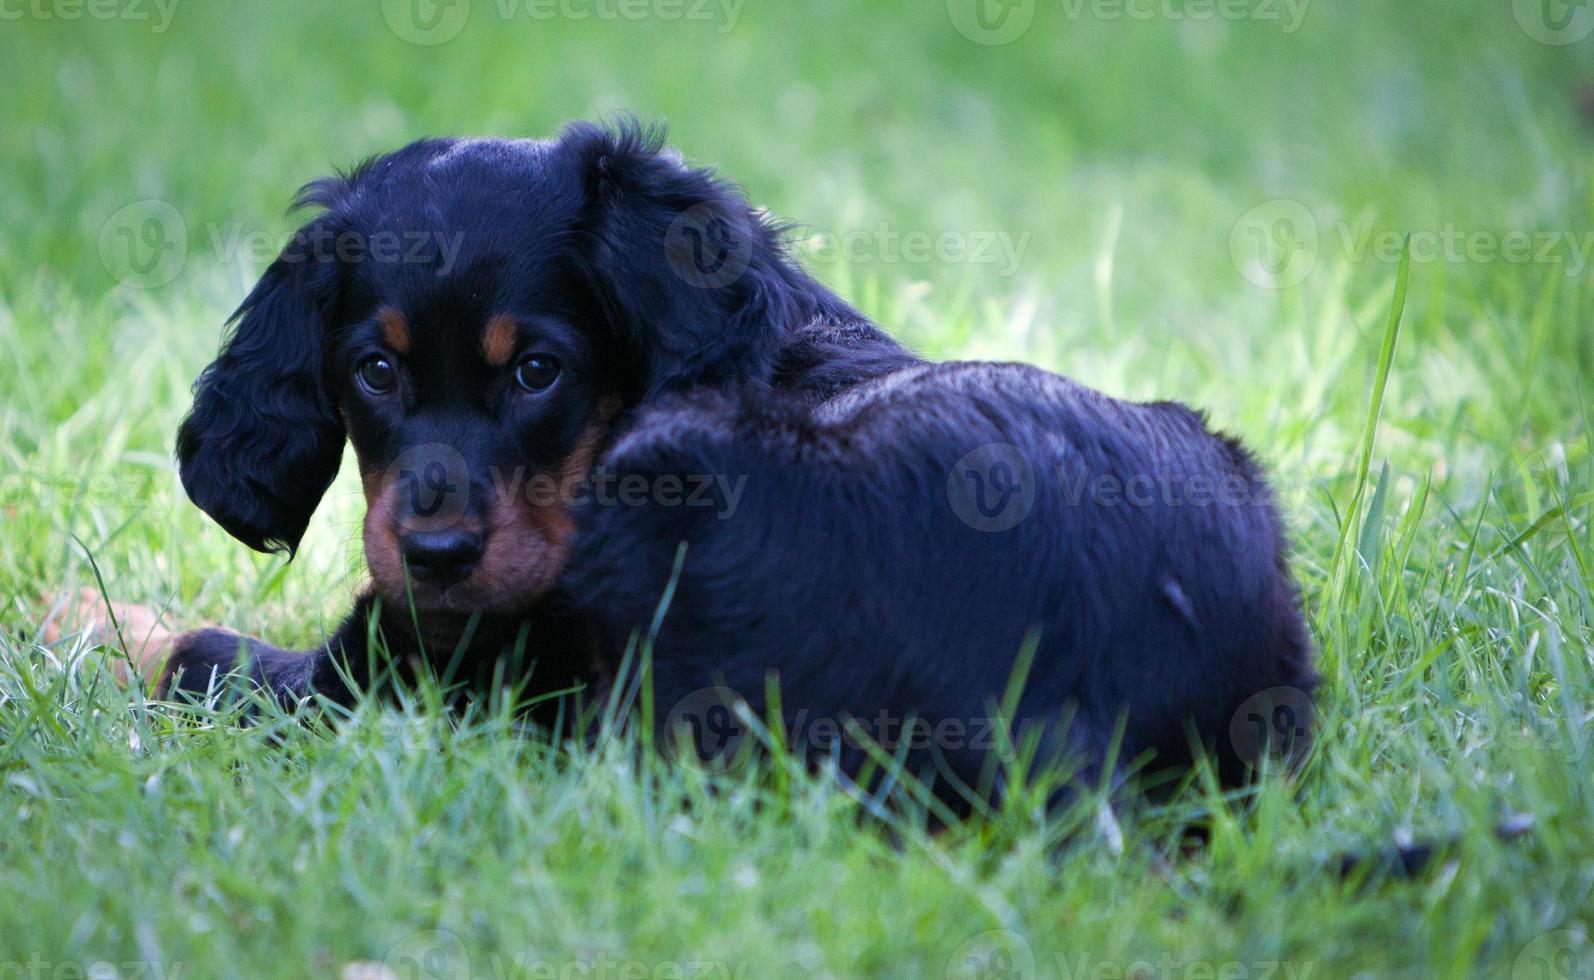 cucciolo di setter gordon che risiede nell'erba verde foto